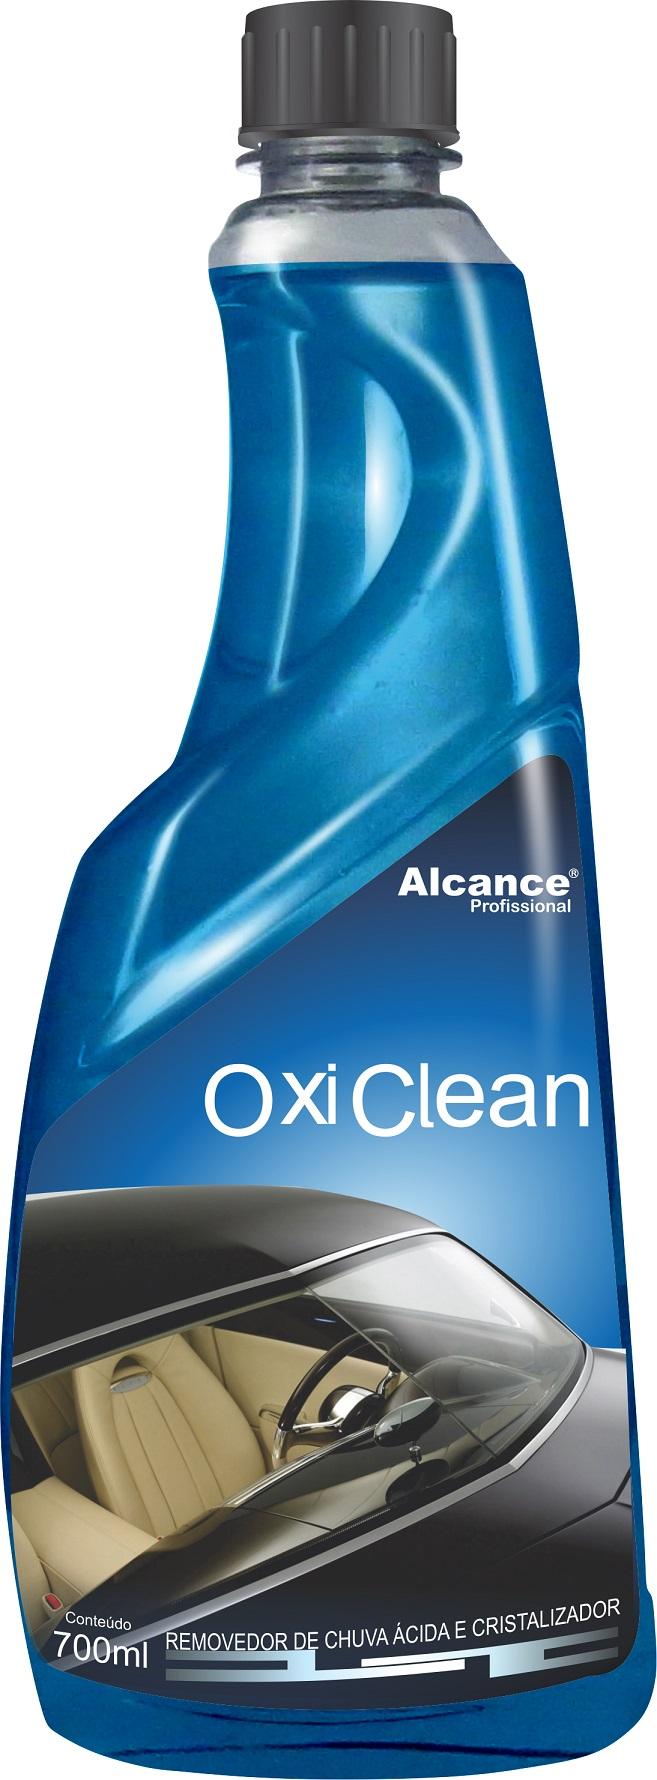 Oxiclean Removedor de Chuva Ácida 700ml Alcance Profissional